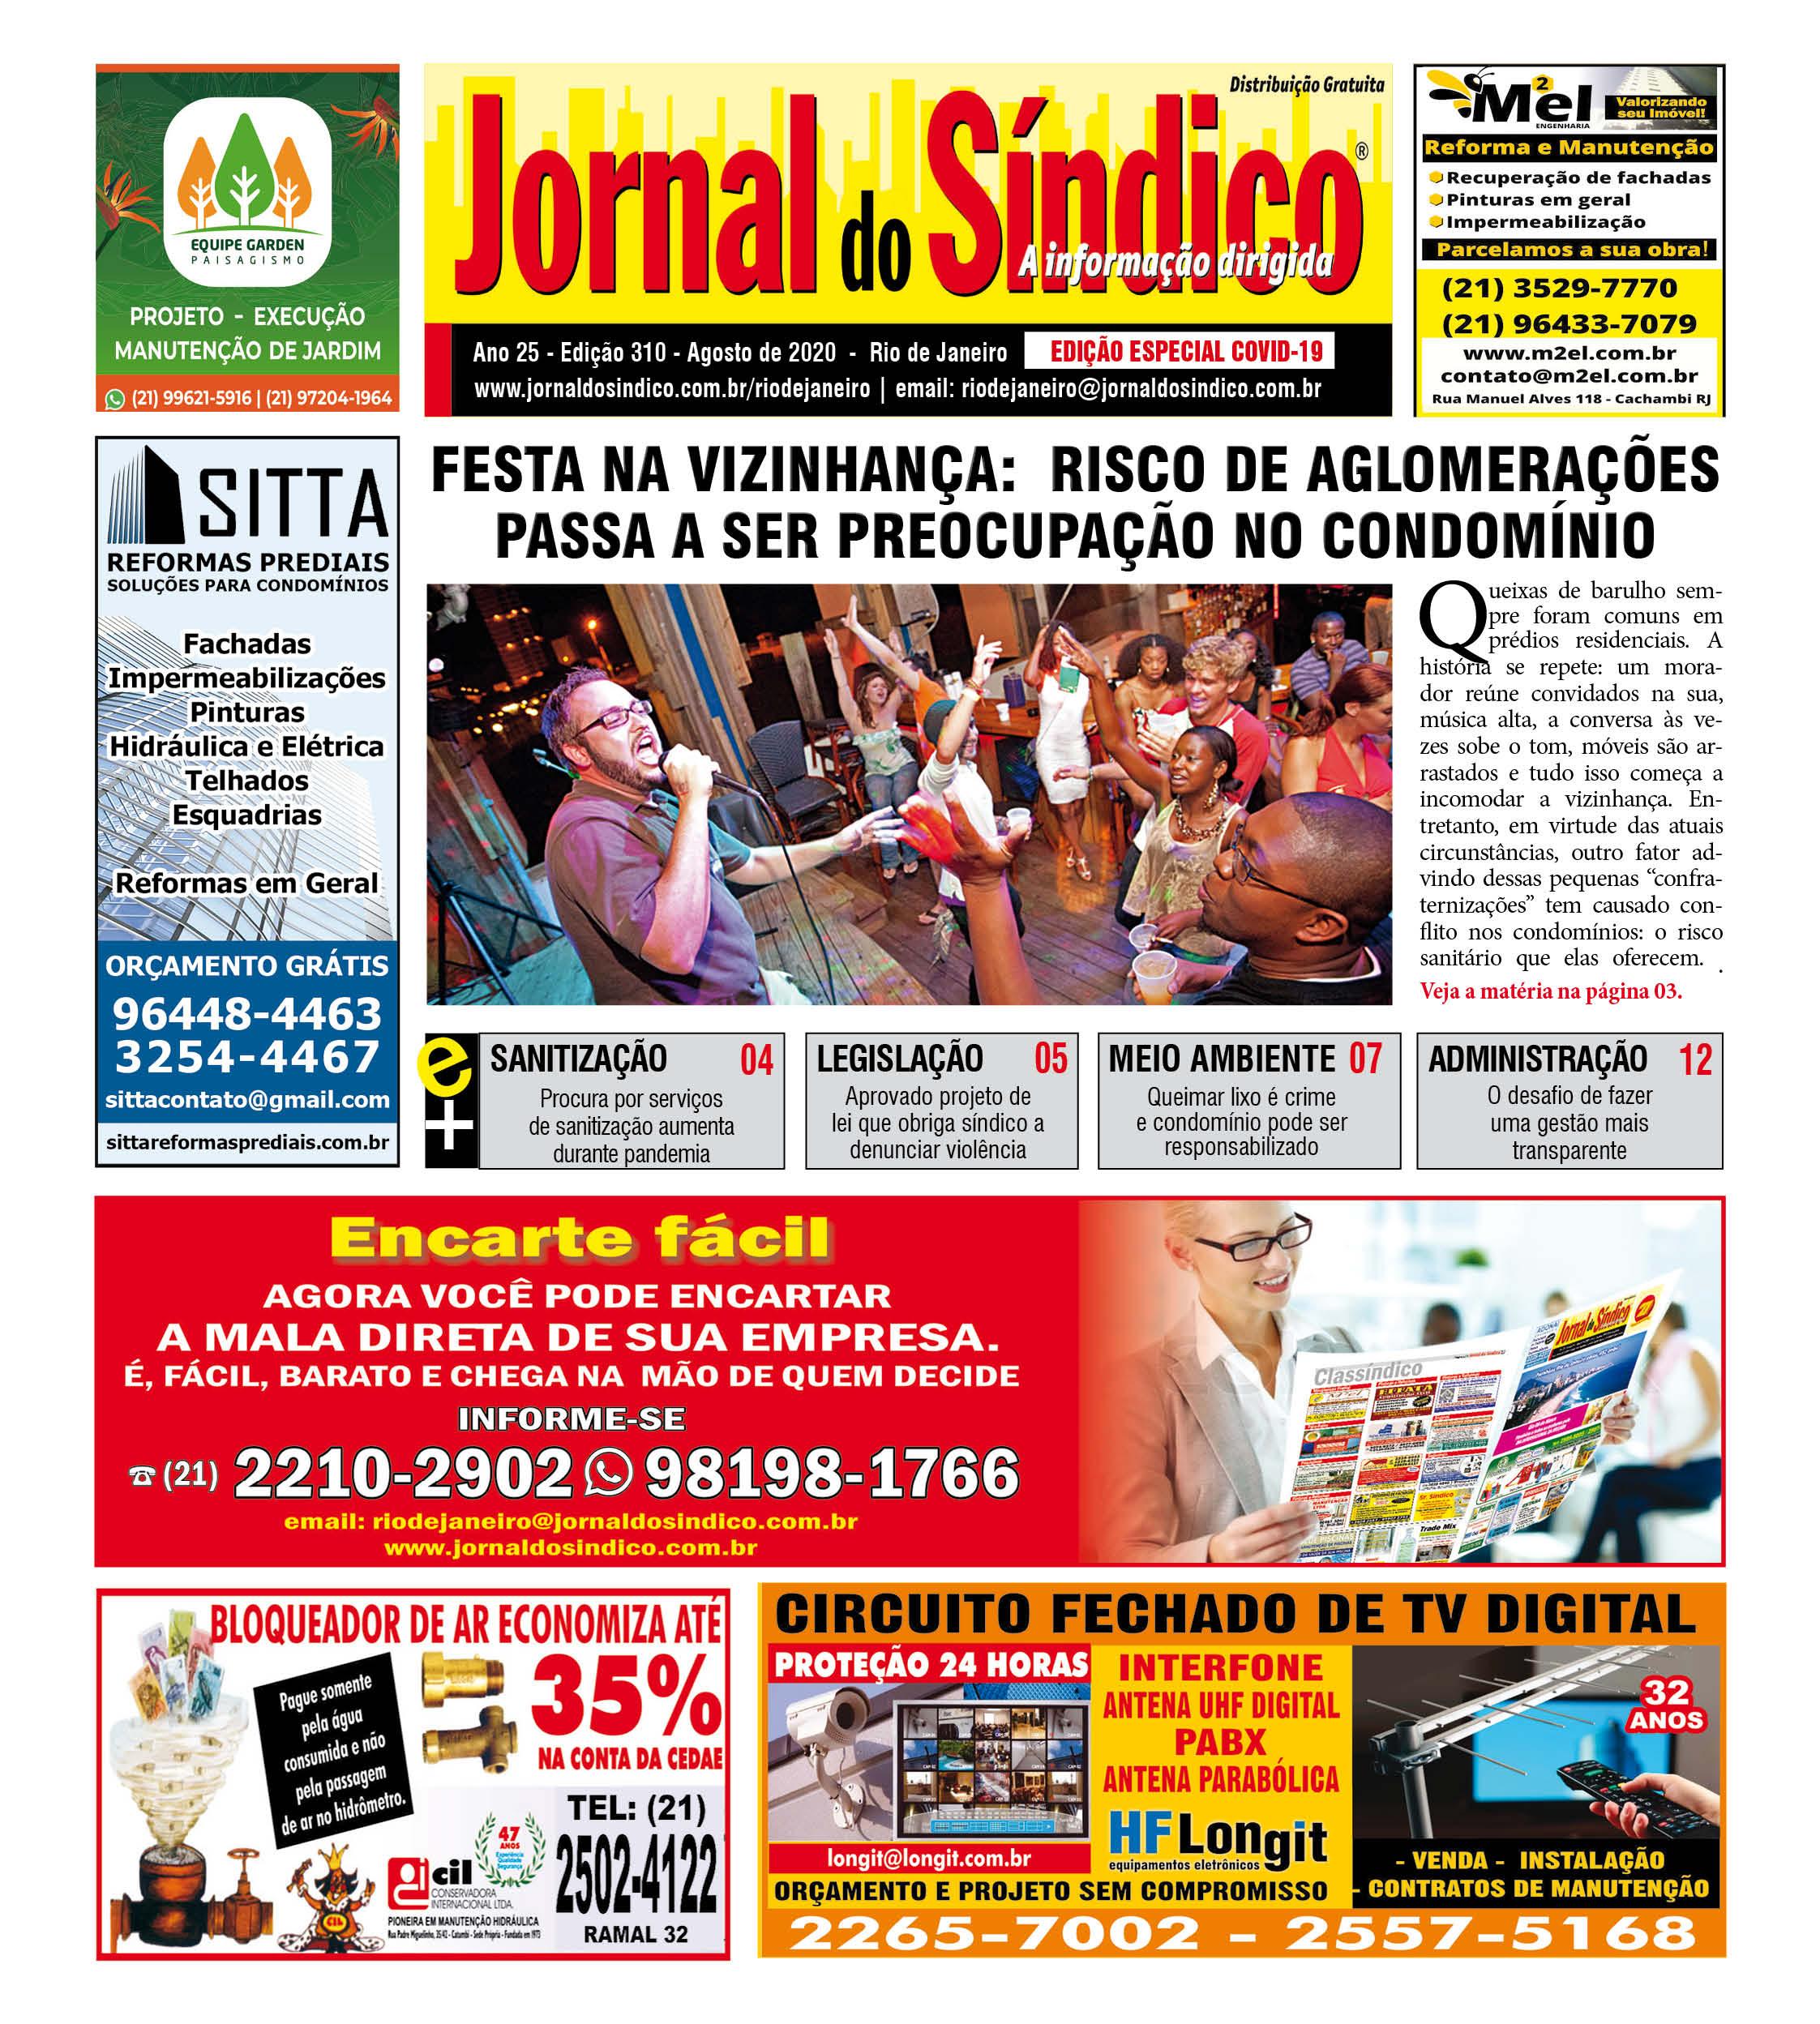 JSRJ 310 - AGOSTO 2020 - 12 paginas